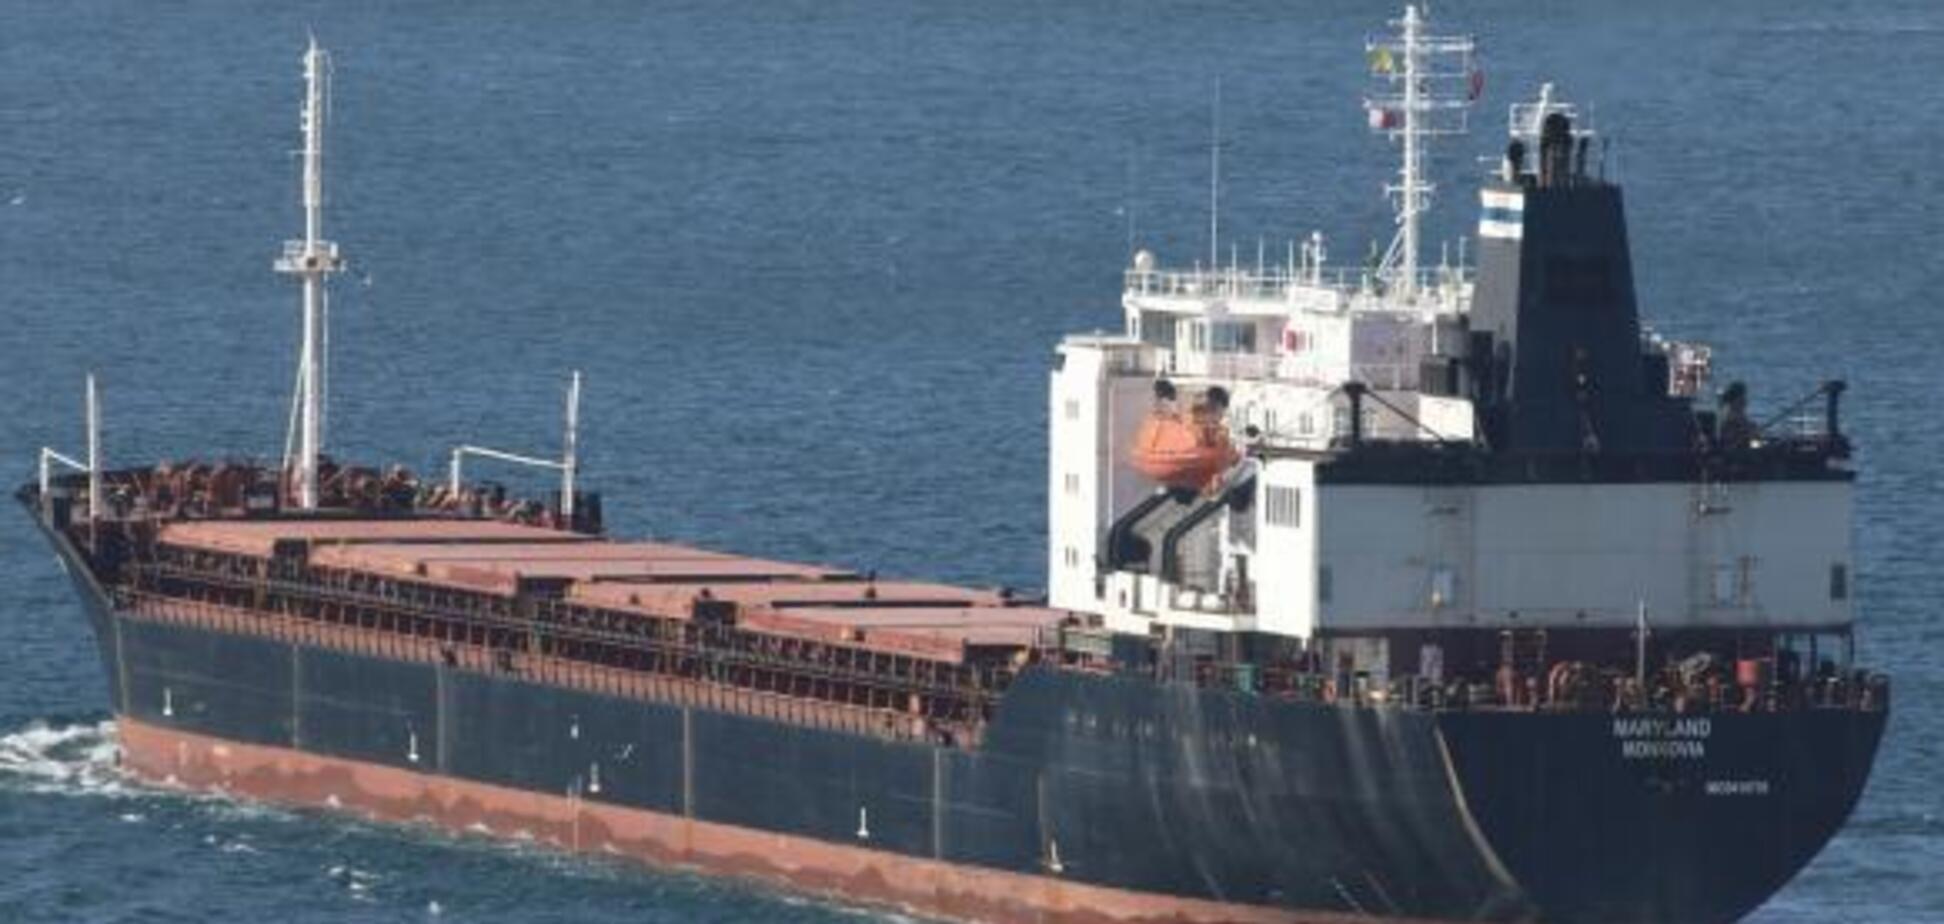 Шел из Мариуполя: в Керченском проливе произошло серьезное ЧП с кораблем